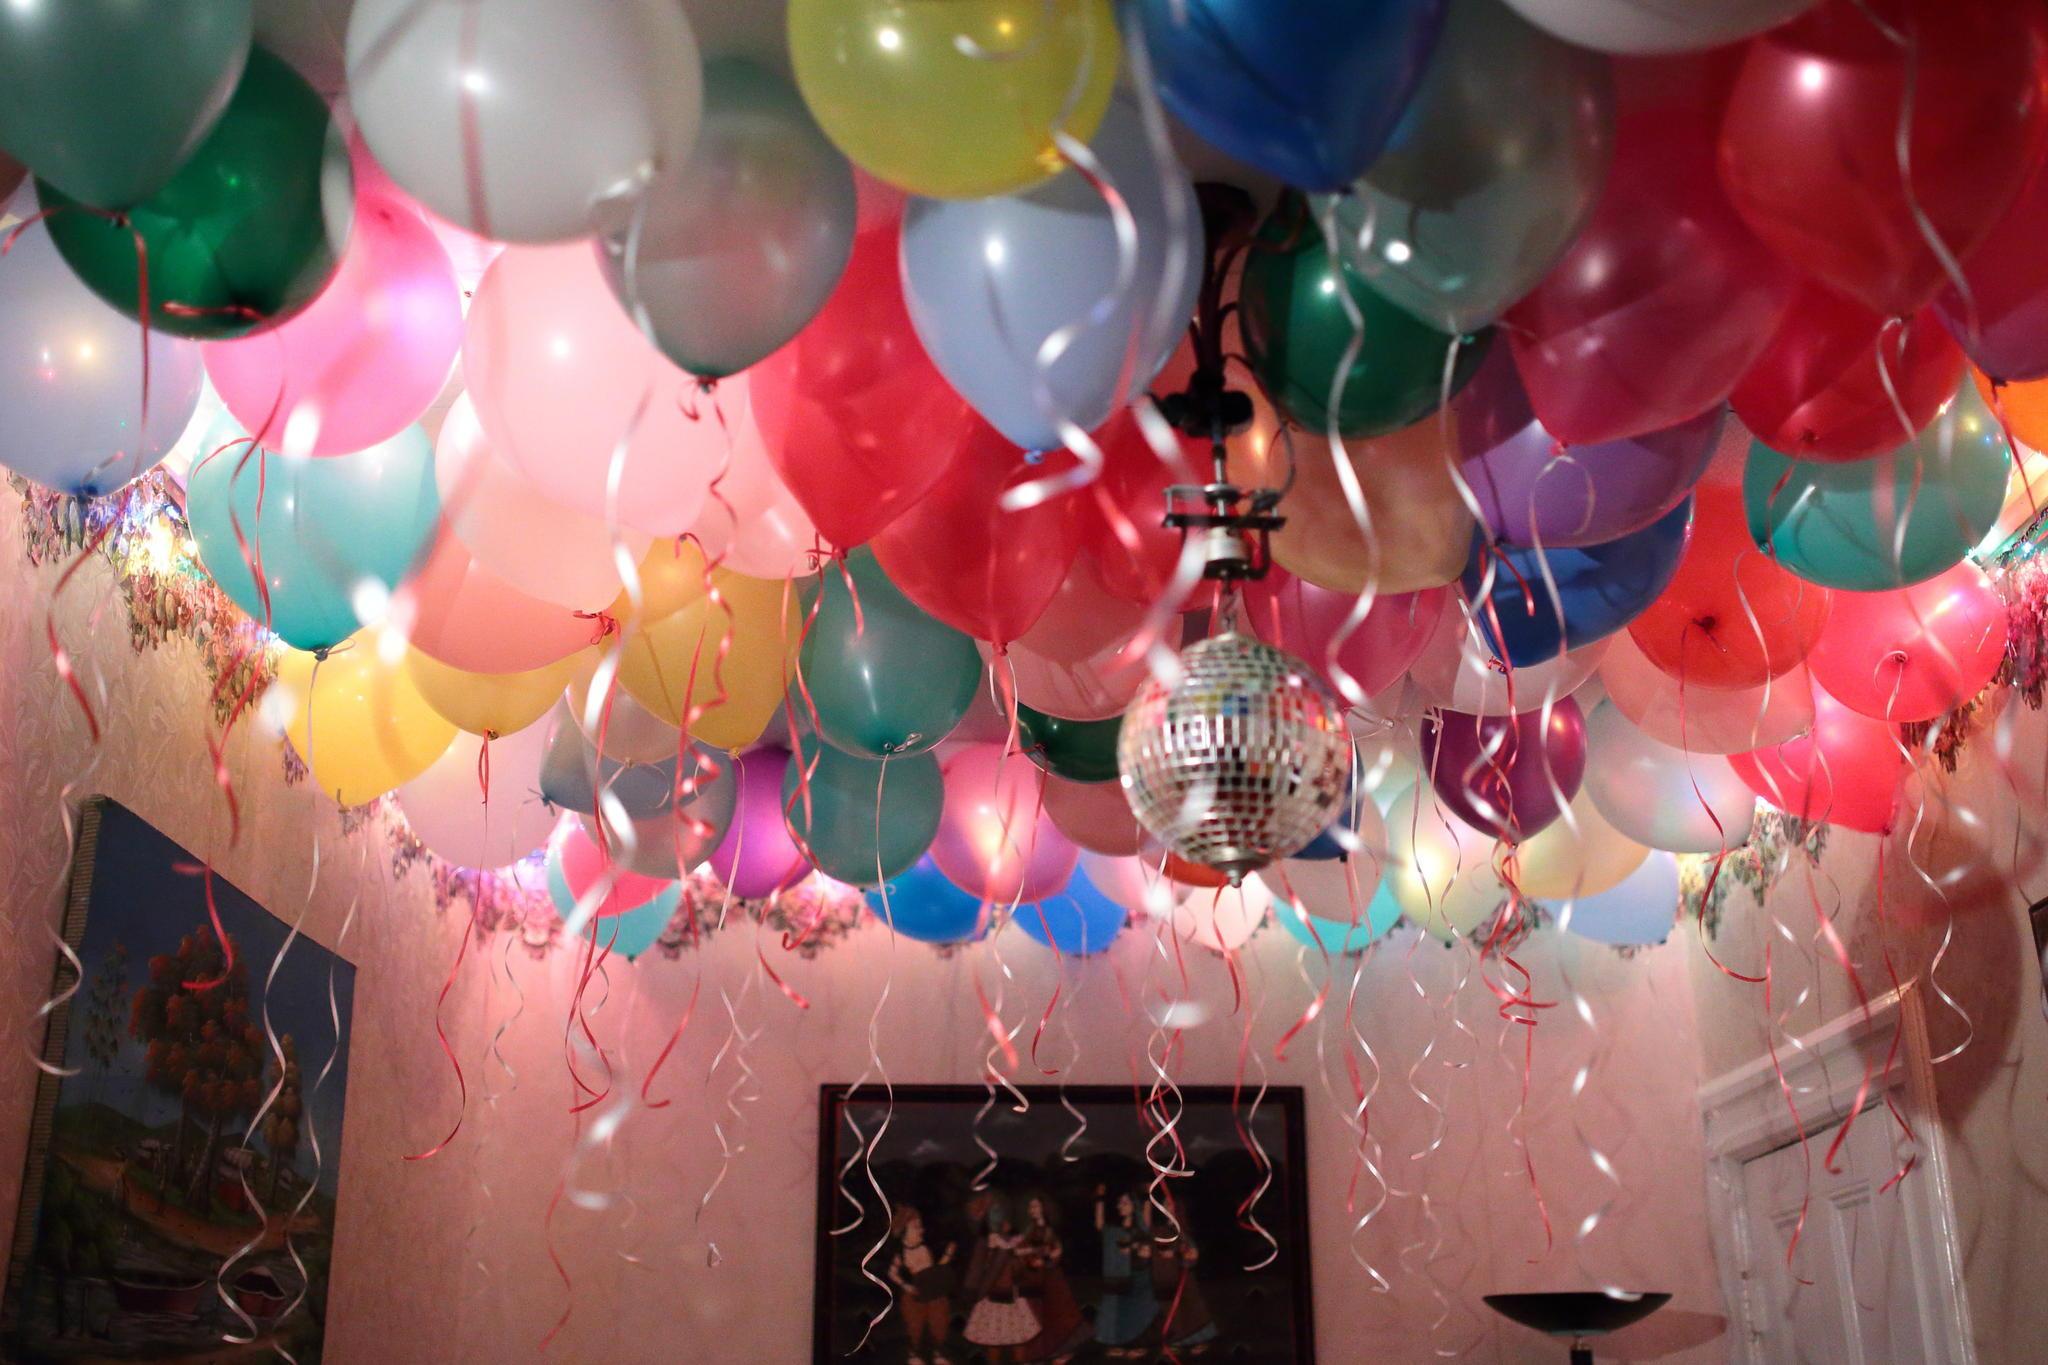 Картинки с шарами к дню рождения, открытку для парня